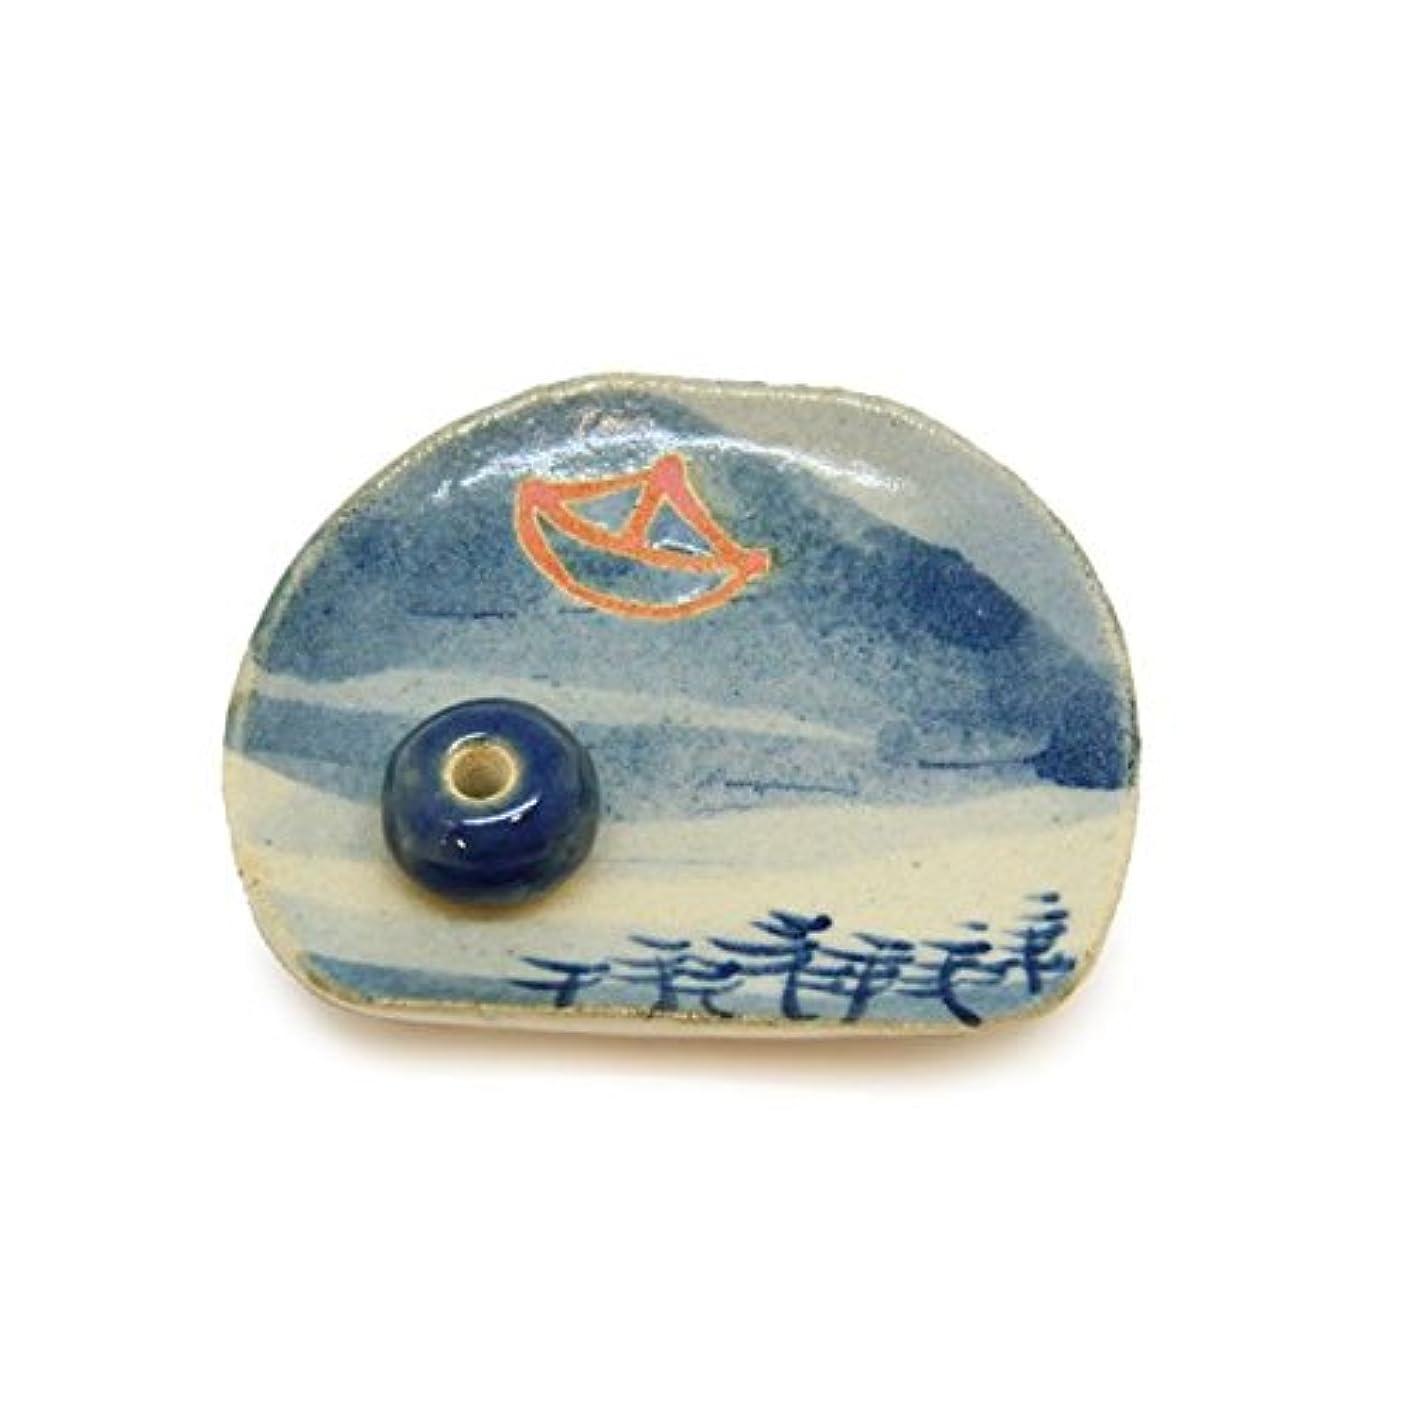 緩む説得力のある専門知識香皿 京の風物詩 夏 「舟」